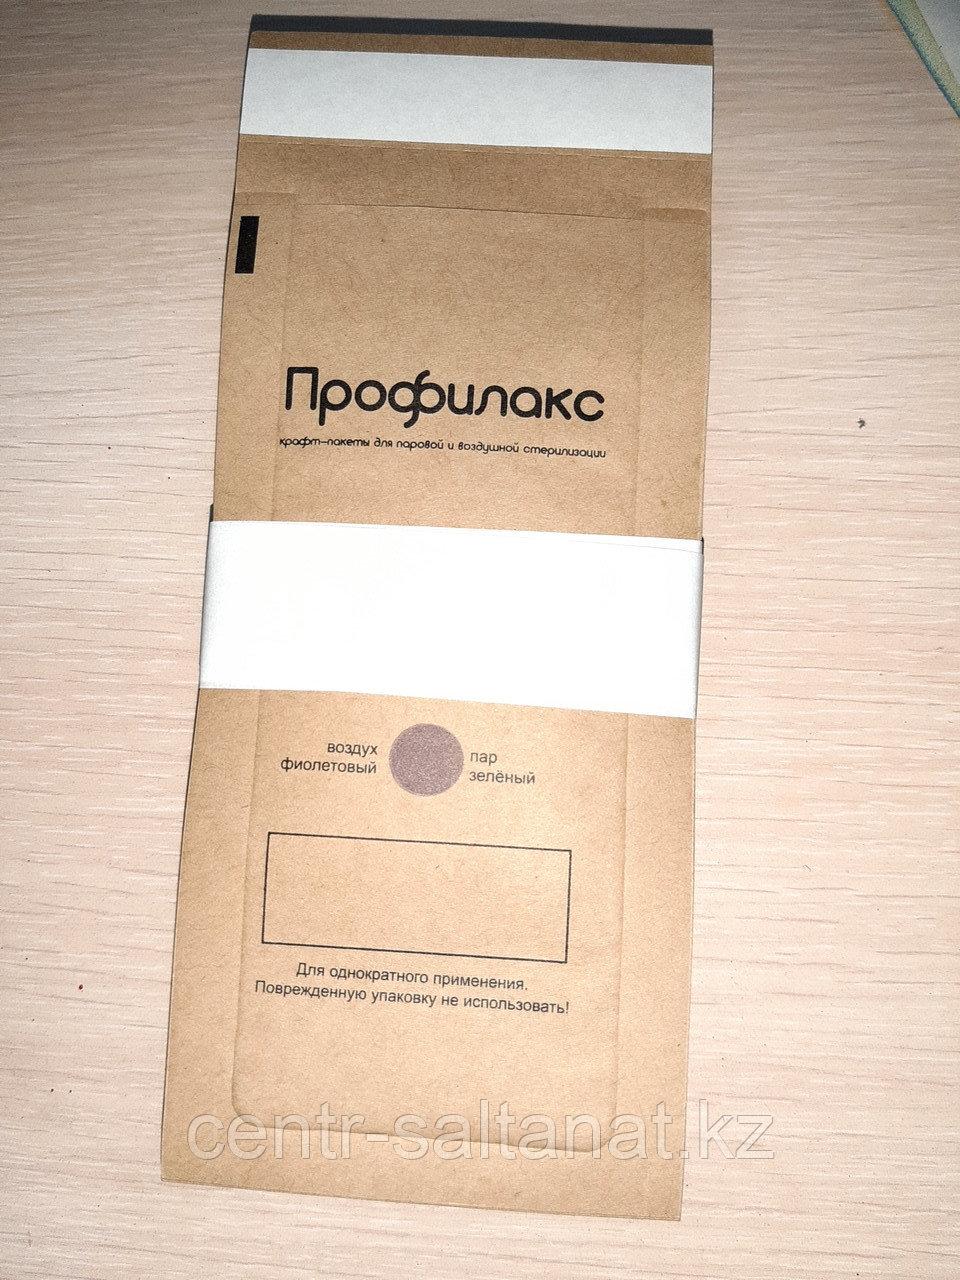 Крафт пакеты 100 шт 75х150 мм в